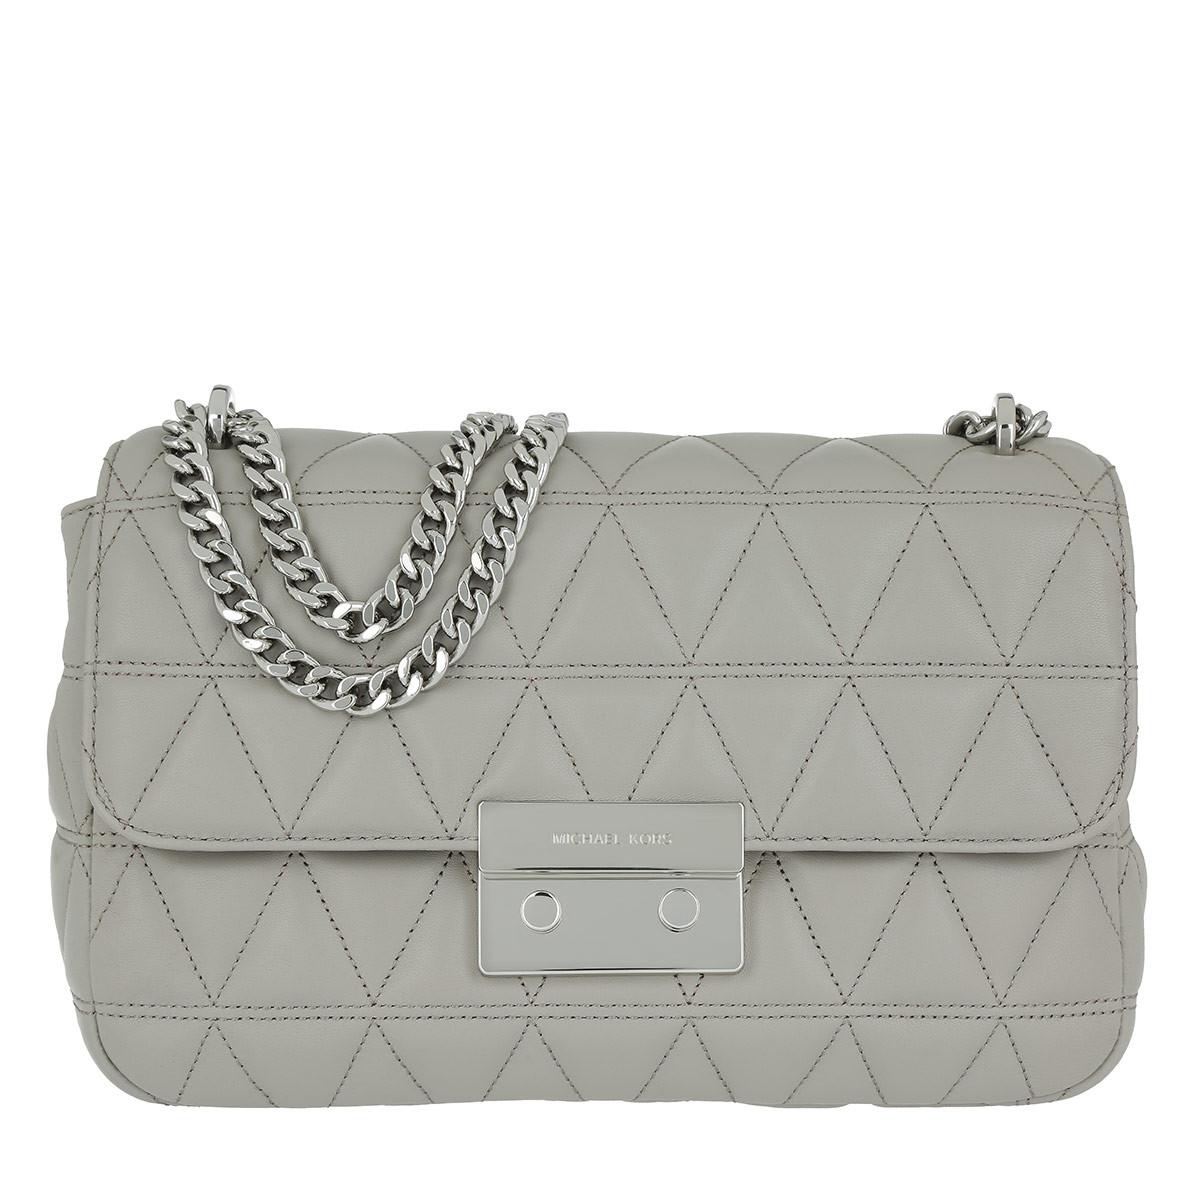 0ZhGr6ke1E Schoudertassen - Sloan LG Silver Chain Shoulder Bag Pearl Grey in grijs voor dames